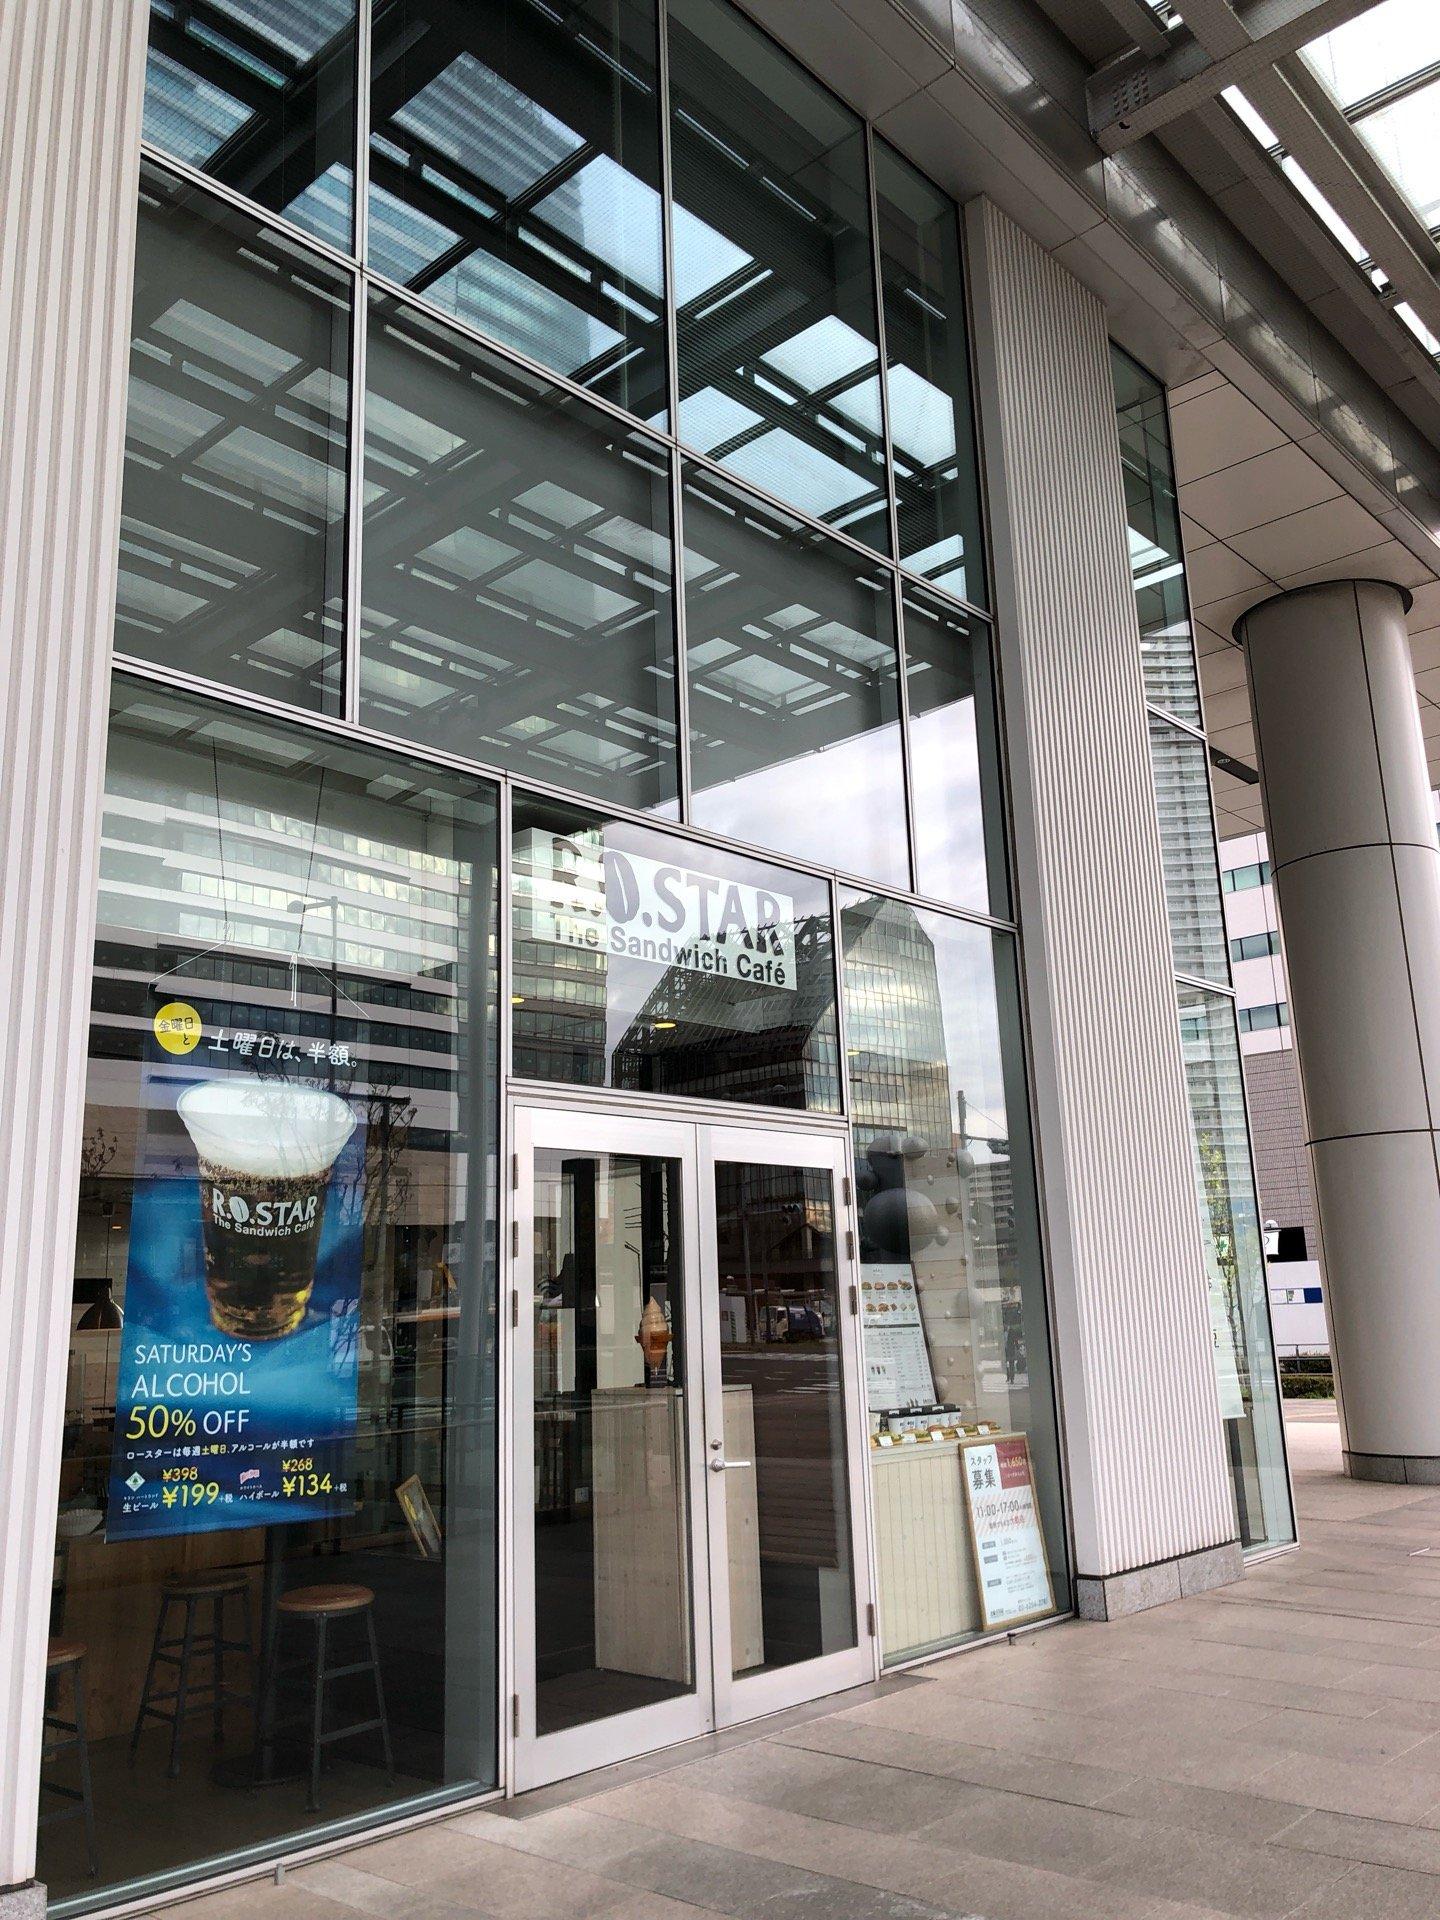 ロースターが開くのは7:00からっぽい。 (@ https://t.co/w86VT2lqzx in 江東区, 東京都) https://t.co/4HrxS5zWD3 https://t.co/TPjwdRTBOS